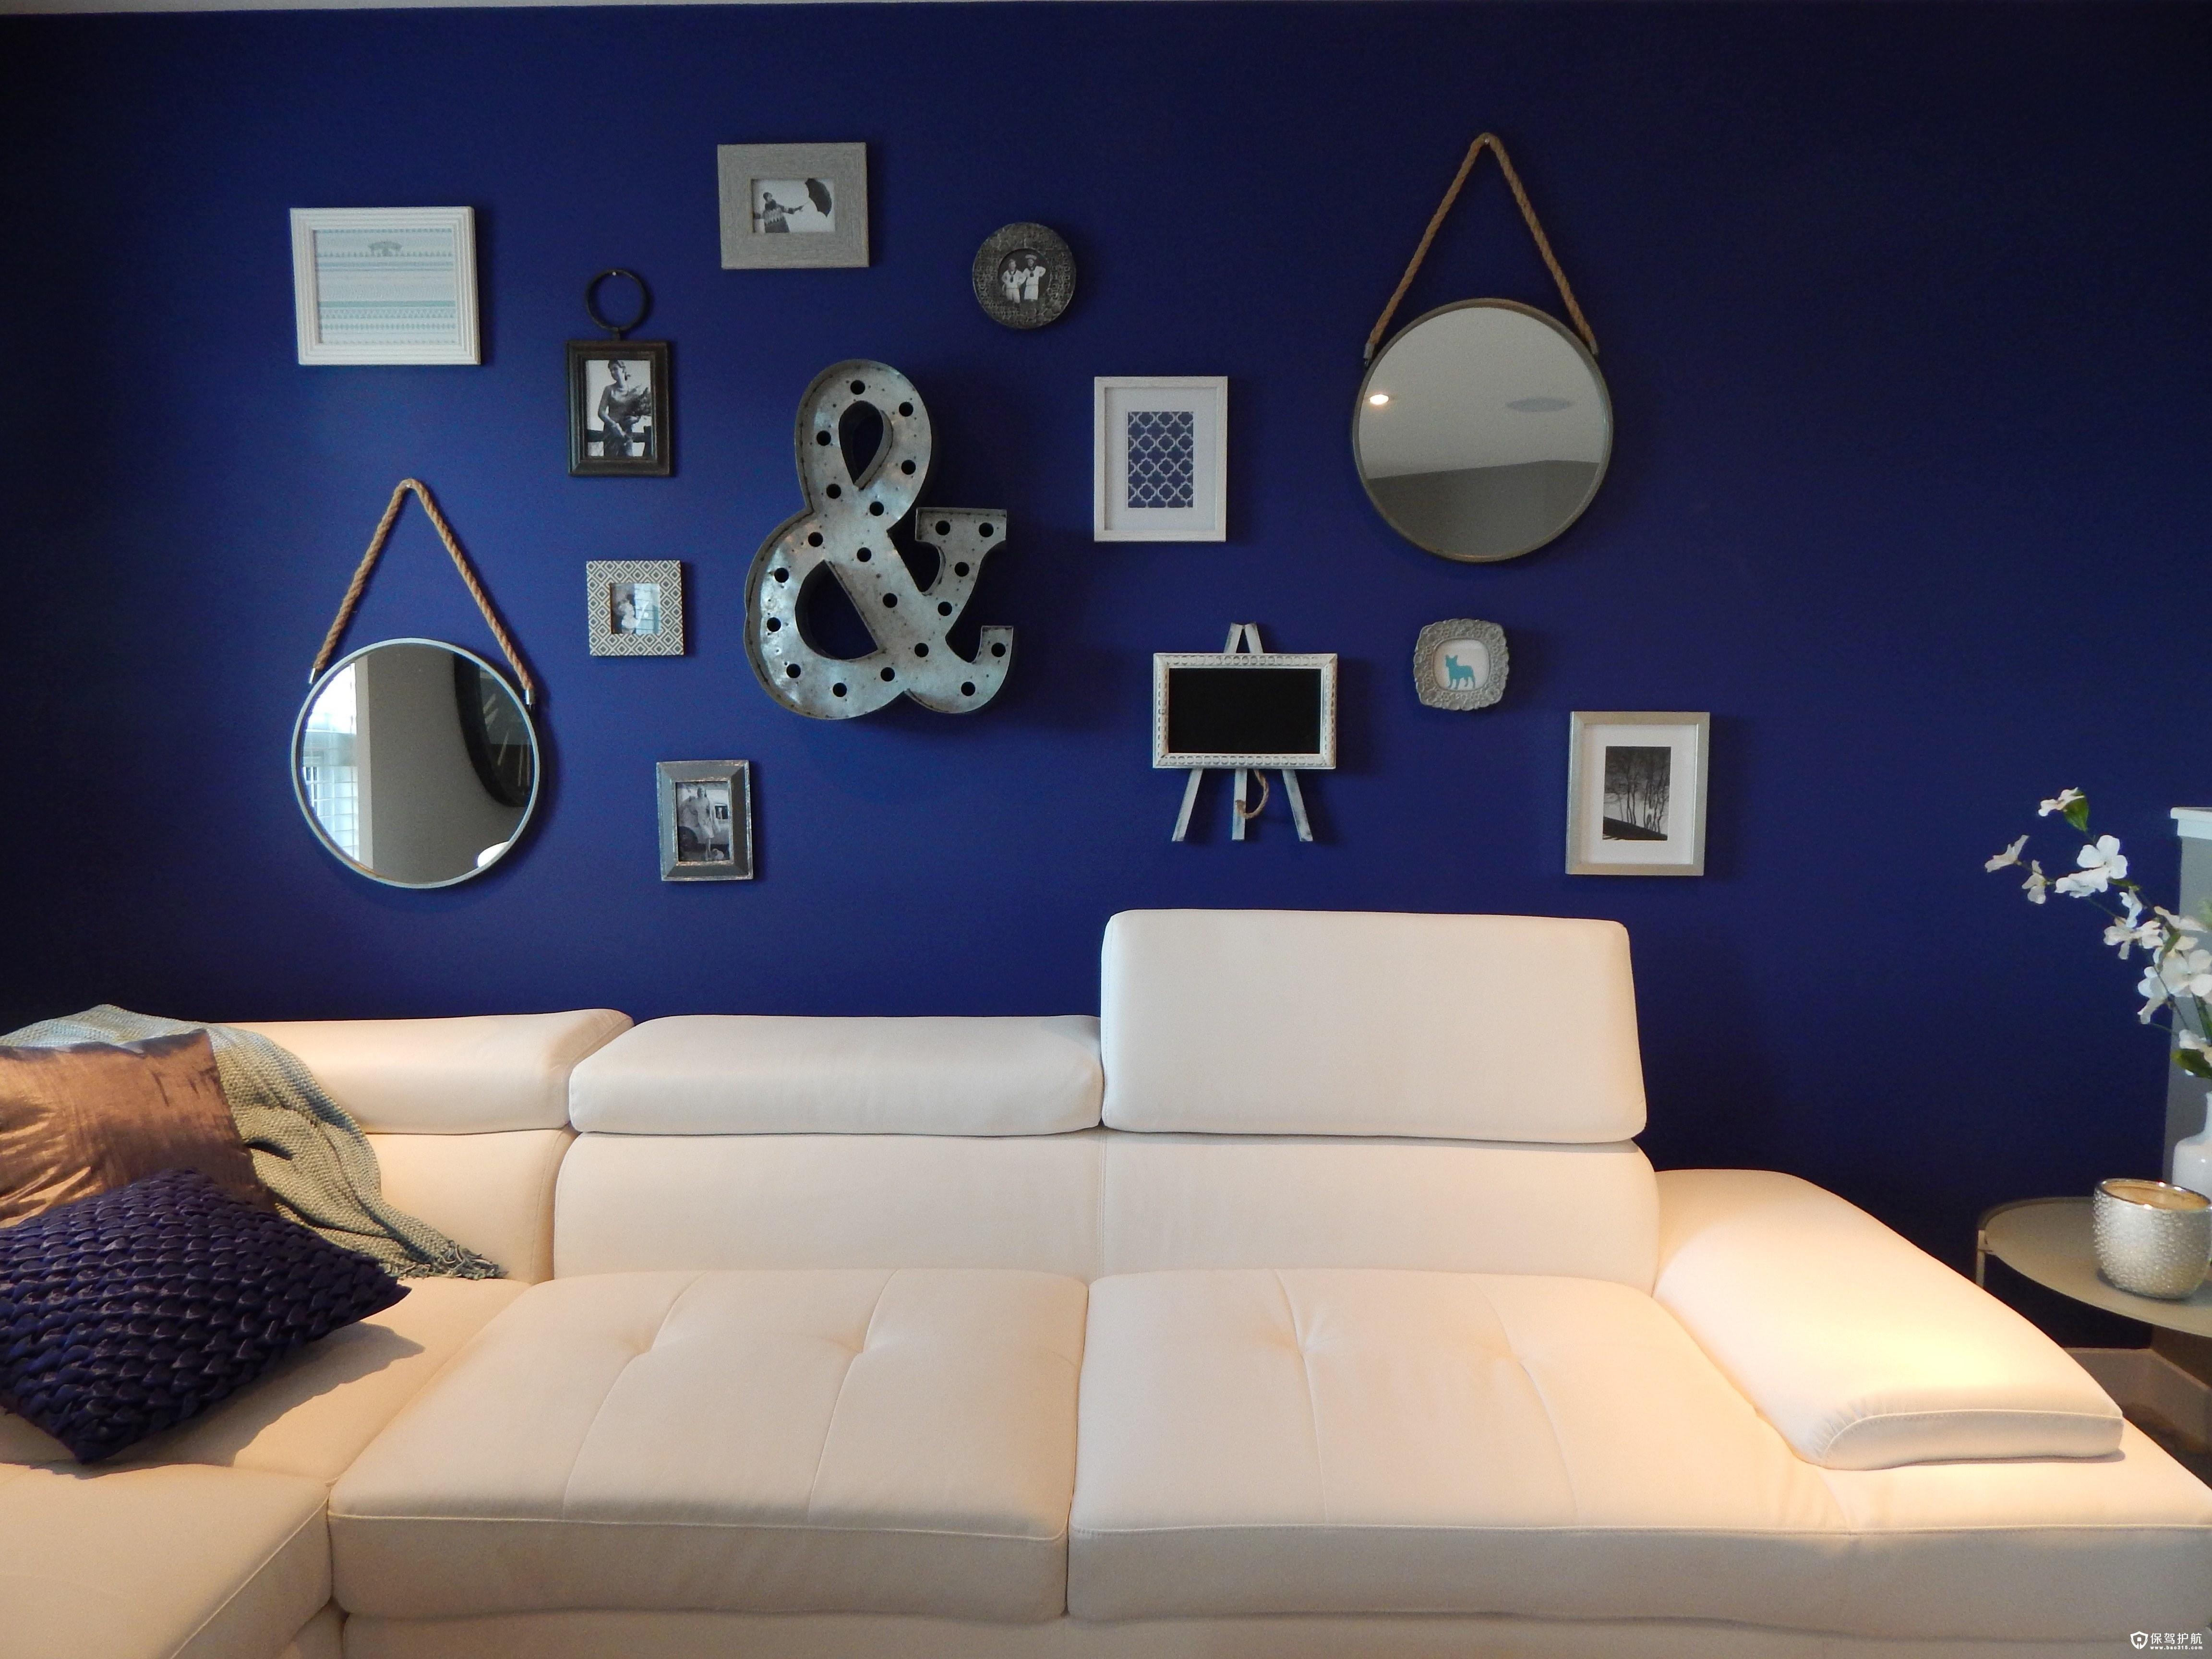 很适合的宜家风和美式风都很装修这种客厅的背景墙,图案中的上图流行哪种背景做颜色墙最棒图片